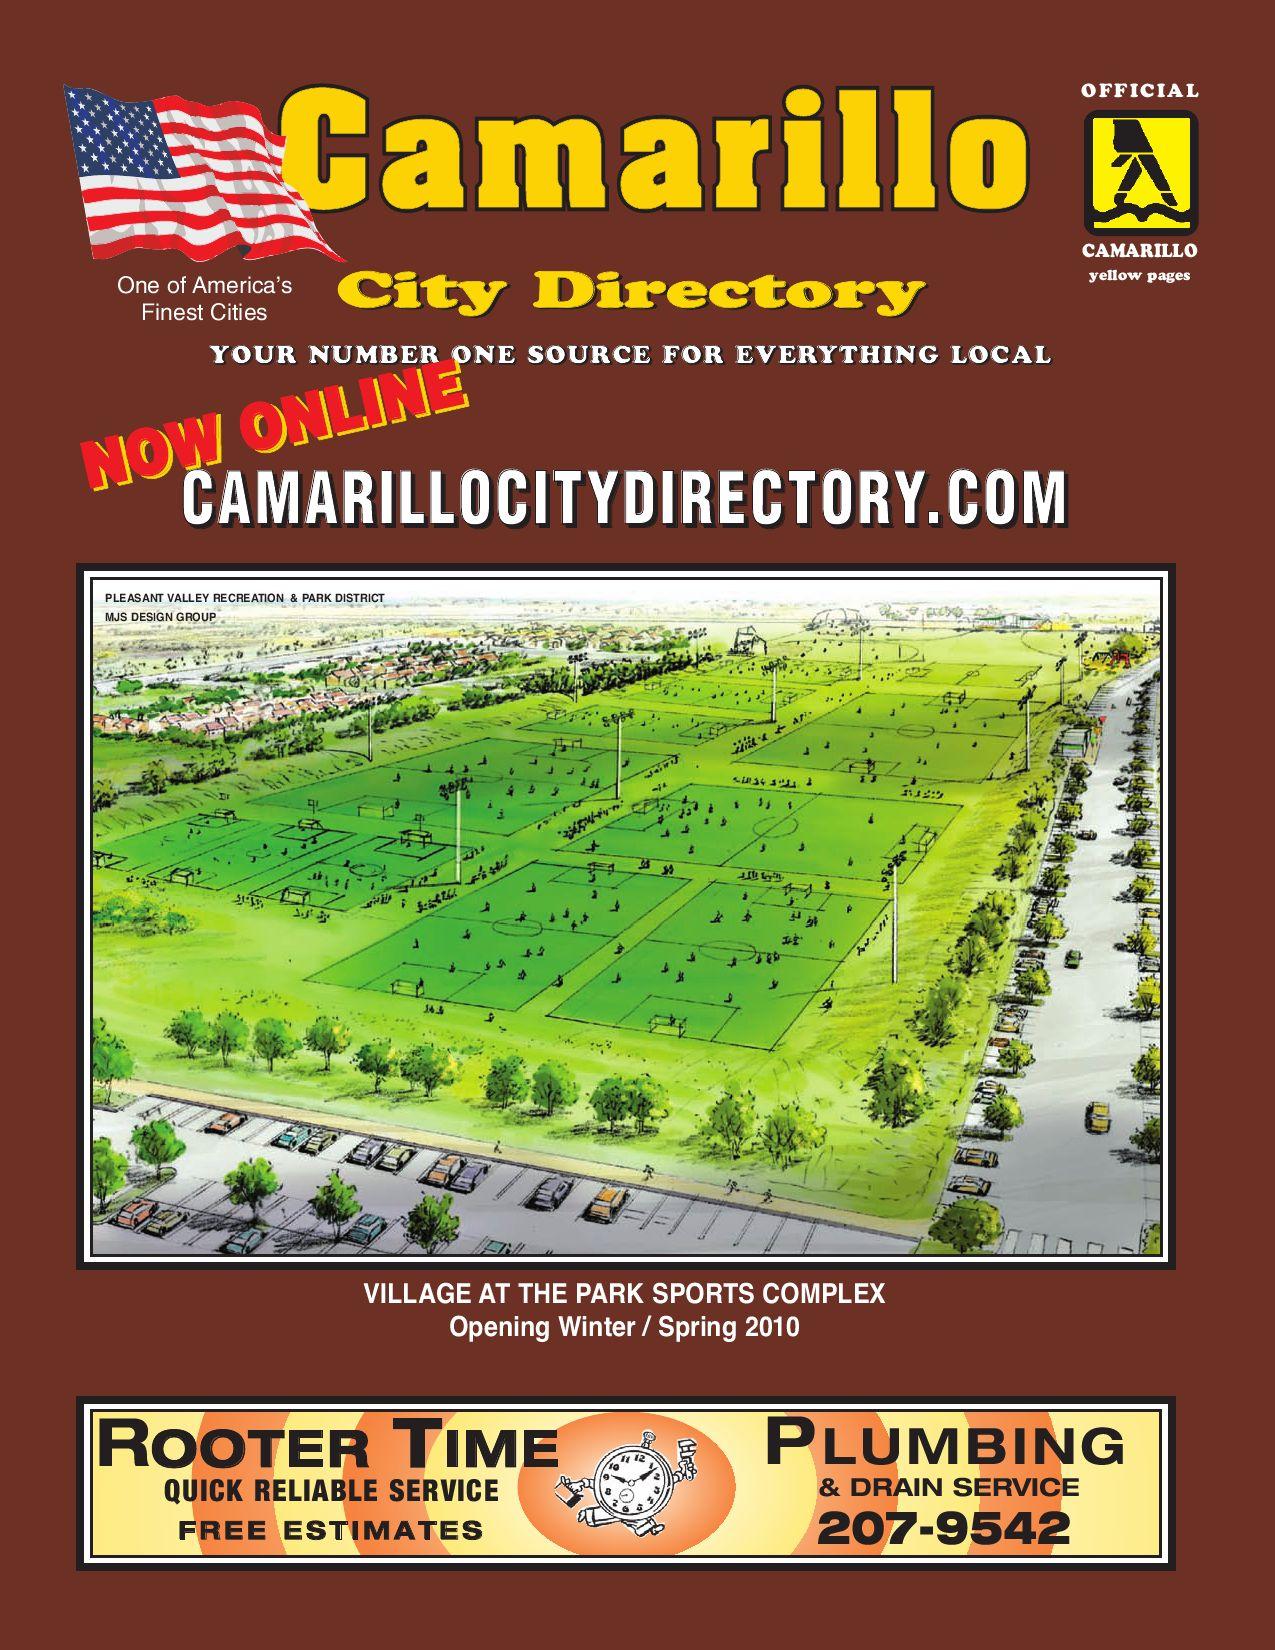 Camarillo City Directory by Mark Rubin - issuu 5e5f5e0864e